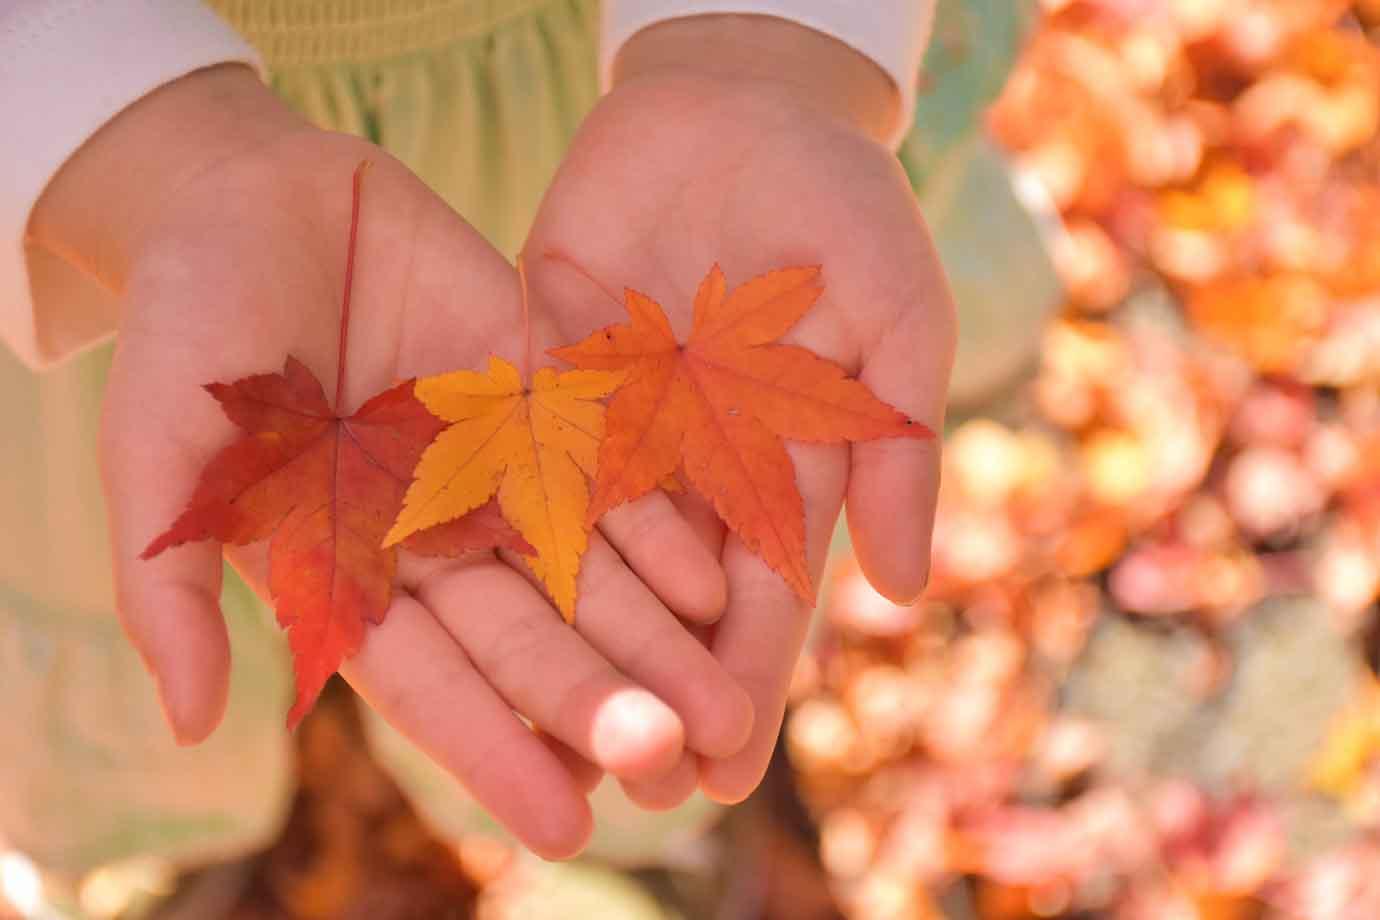 夏に症状が出る「夏バテ」に対して、秋になり涼しく過ごしやすくなってきたにもかかわらず不調が続くのが「秋バテ」。特徴は夏バテに似ていて、「秋バテ」は現代病とも言えます